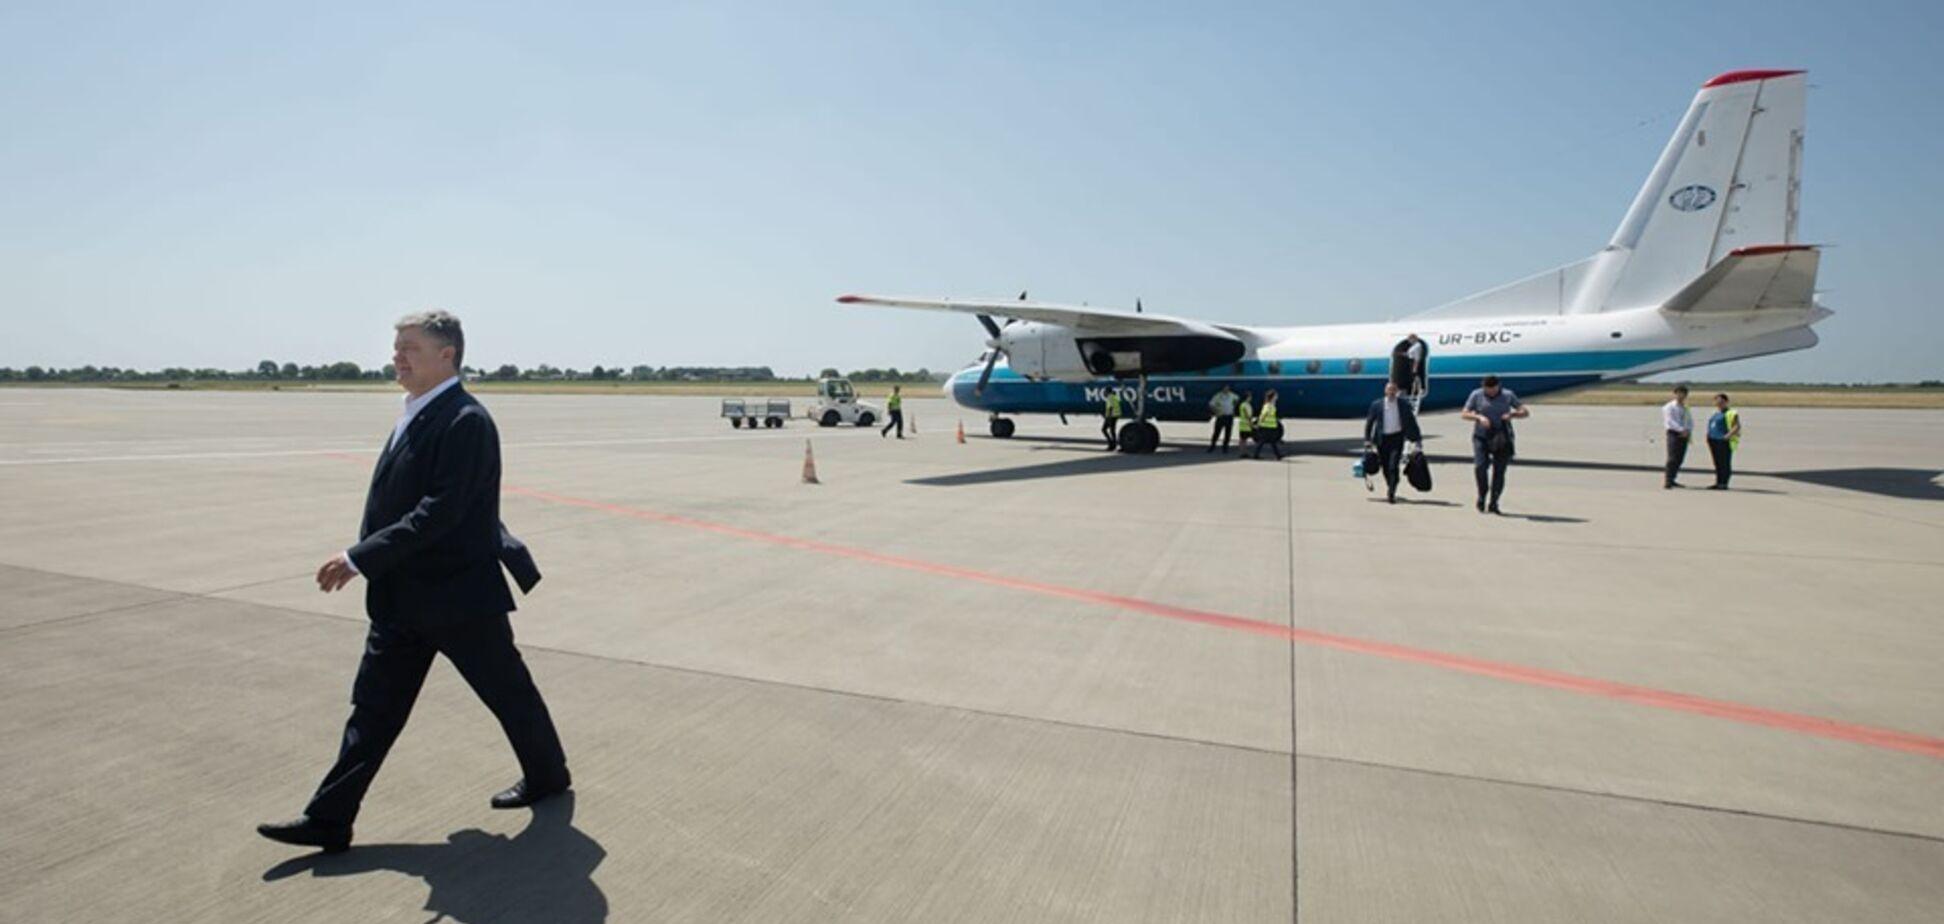 'Наш президент!' Порошенко удивил украинцев на рейсовом самолете. Фотофакт